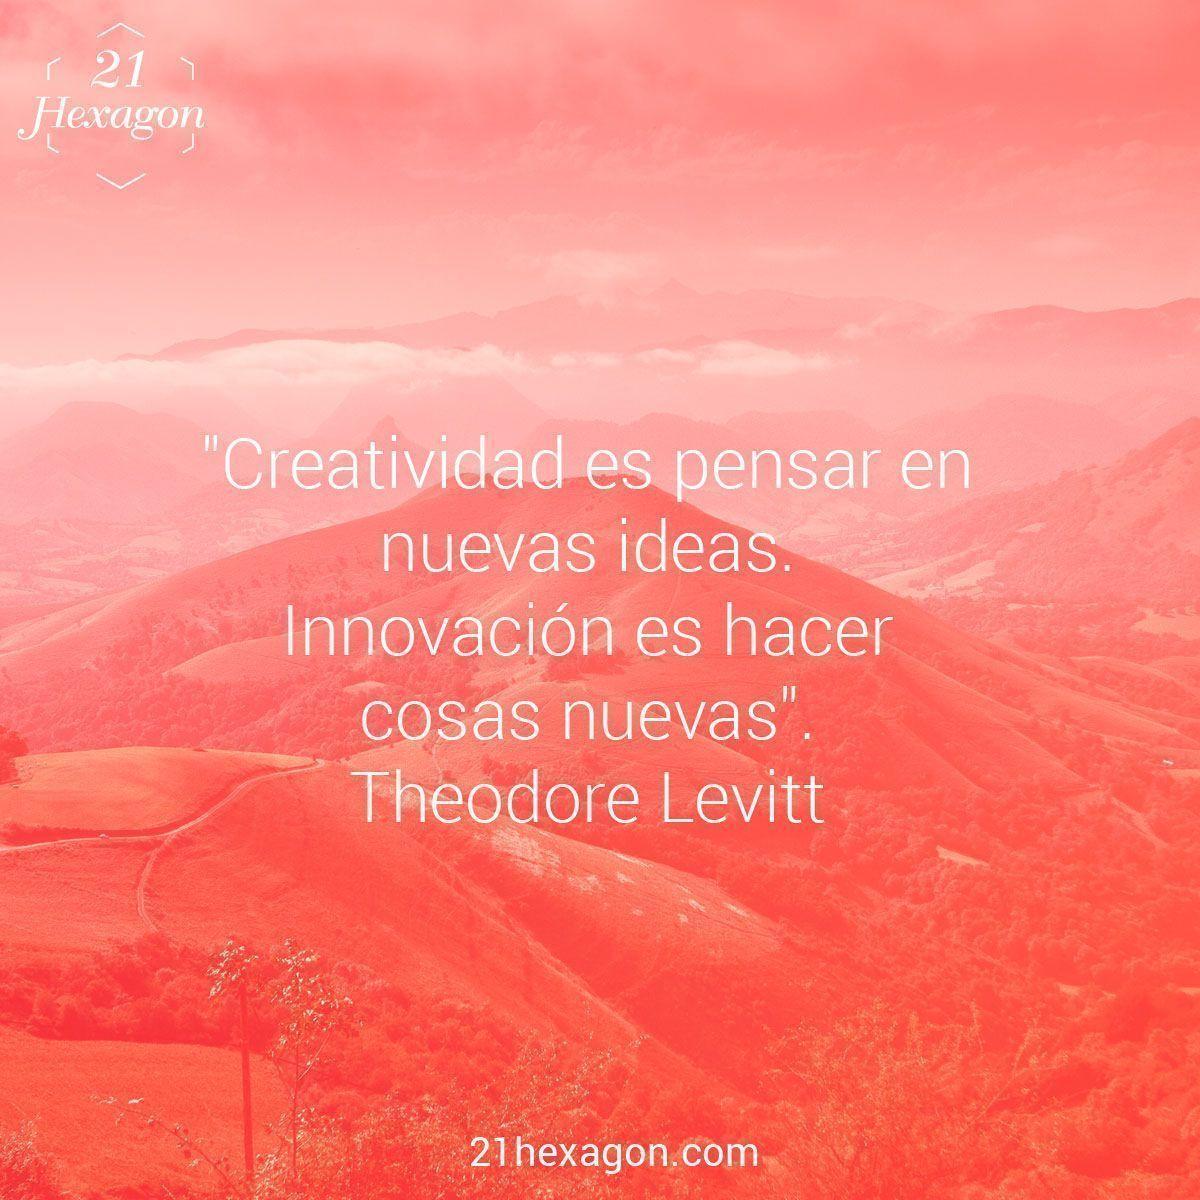 quotes_21hexagon_22.jpg